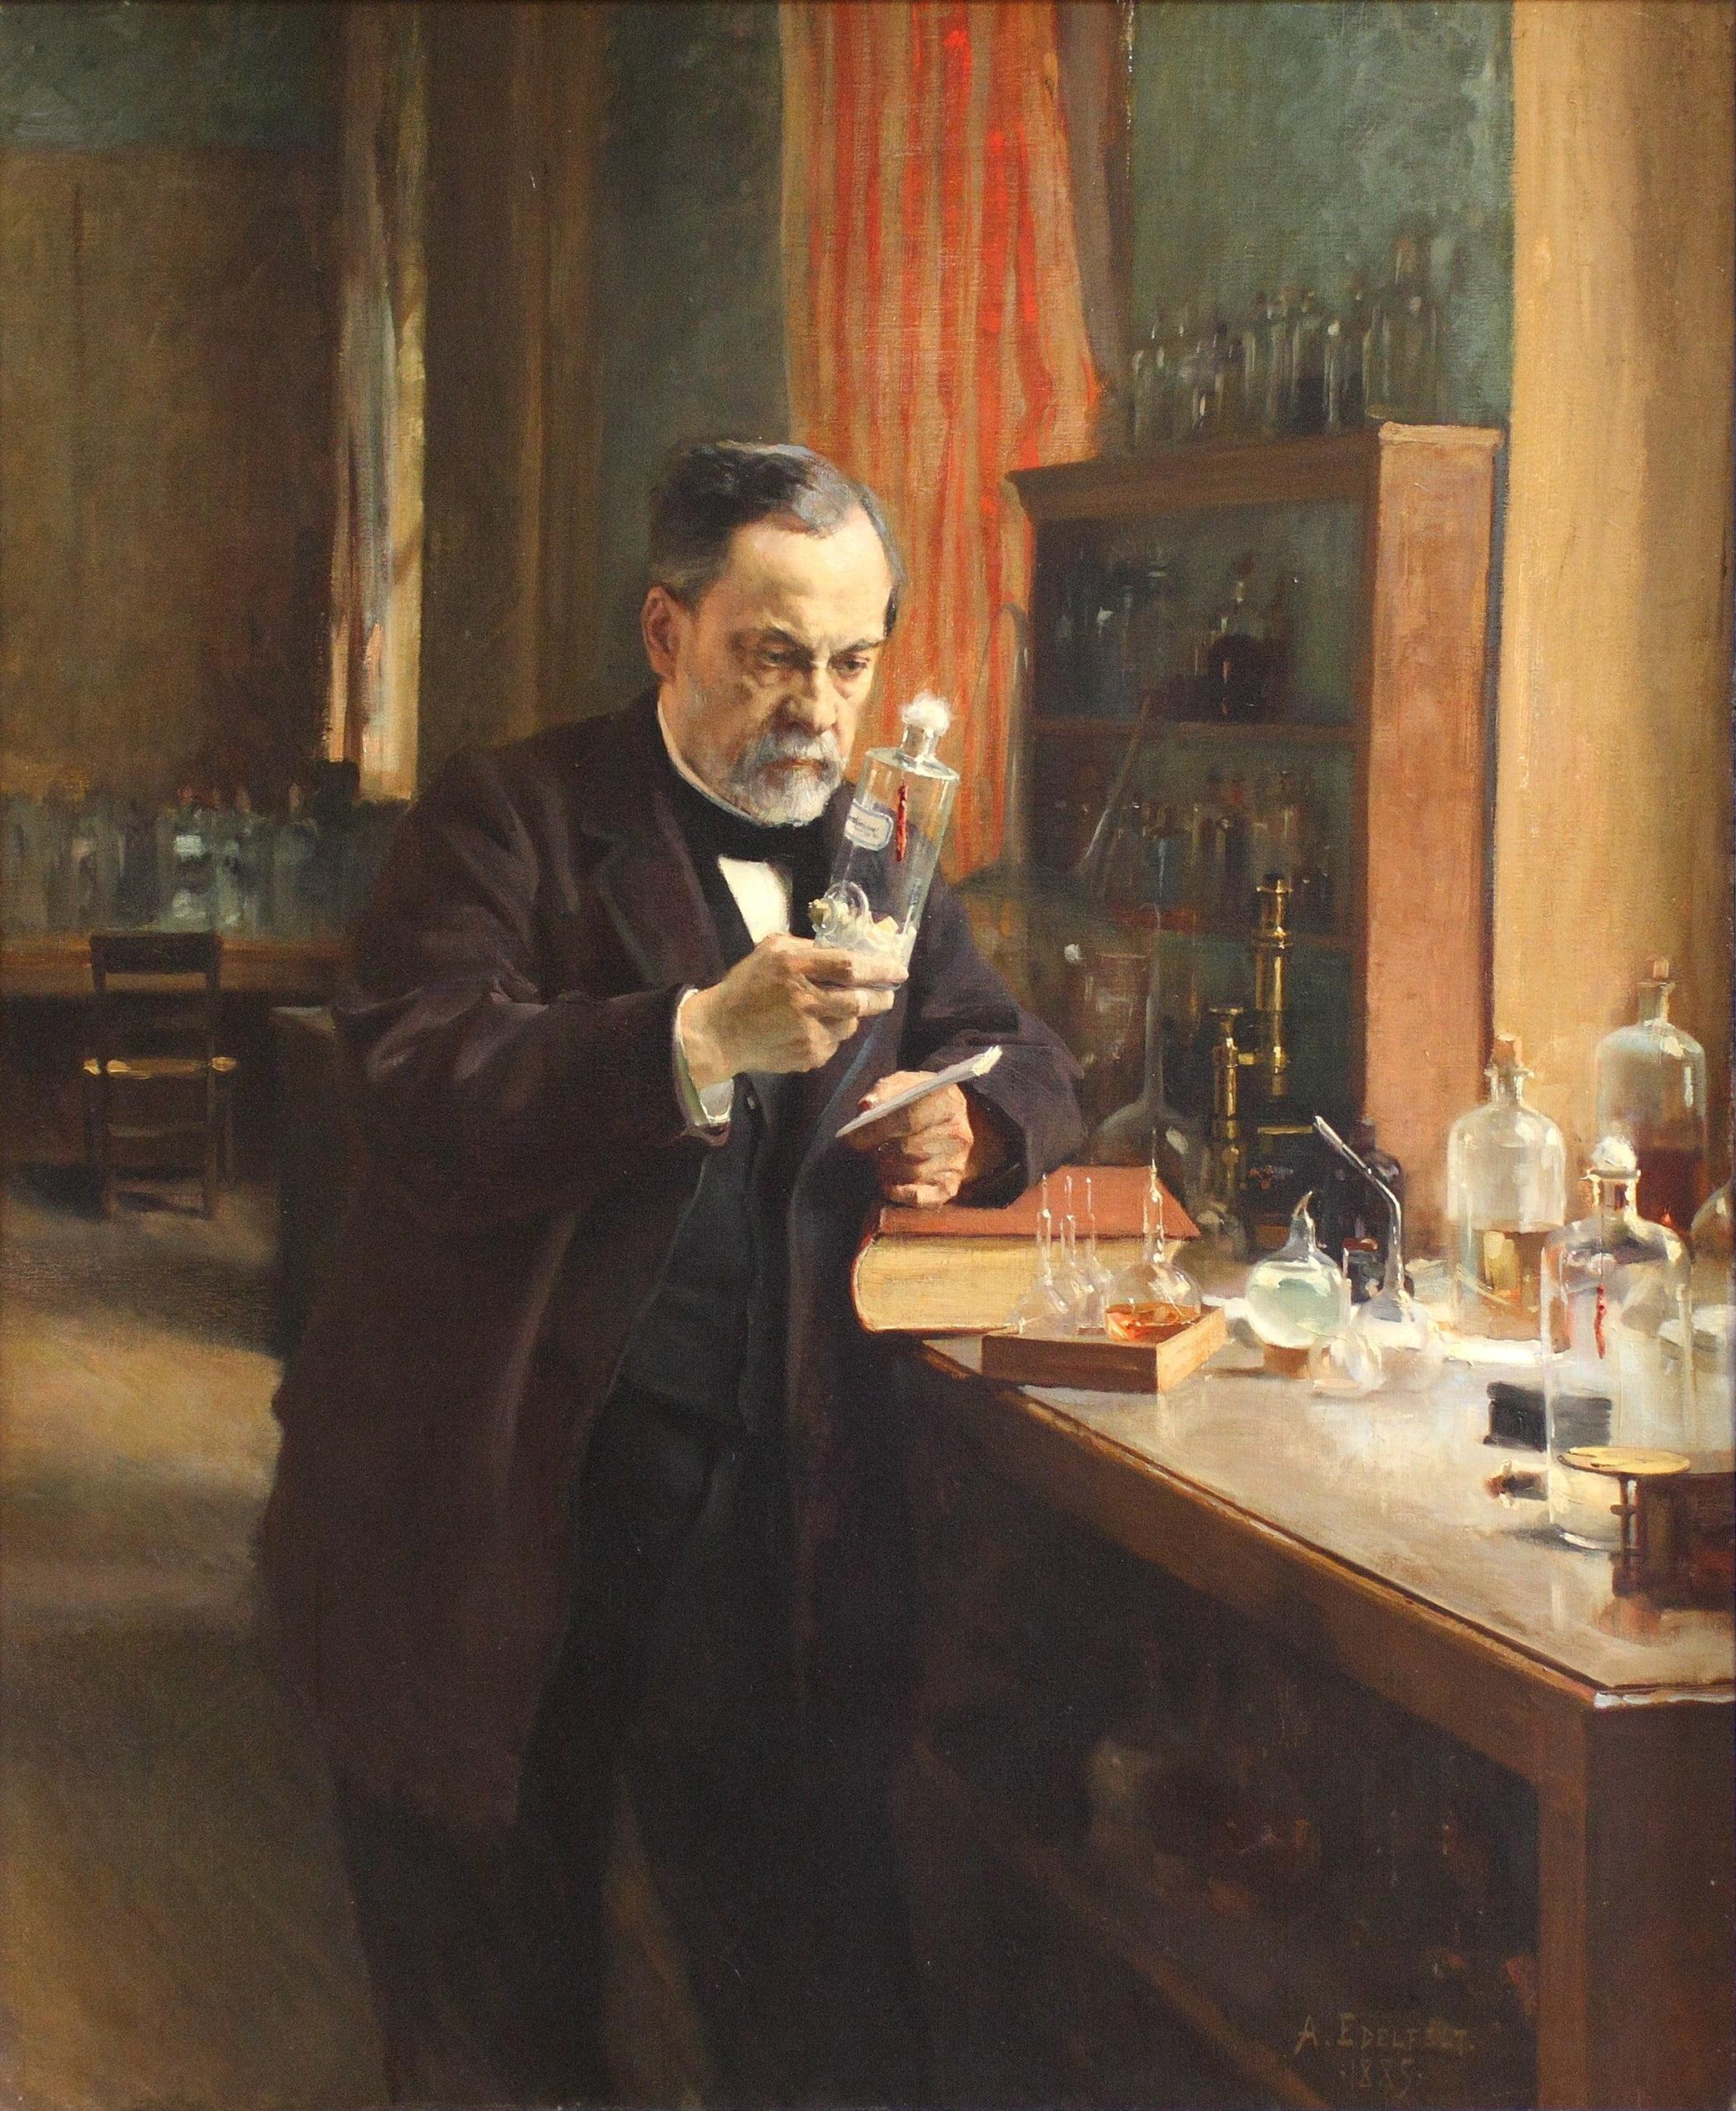 Lous Pasteur, Alber Edlefelt 1885